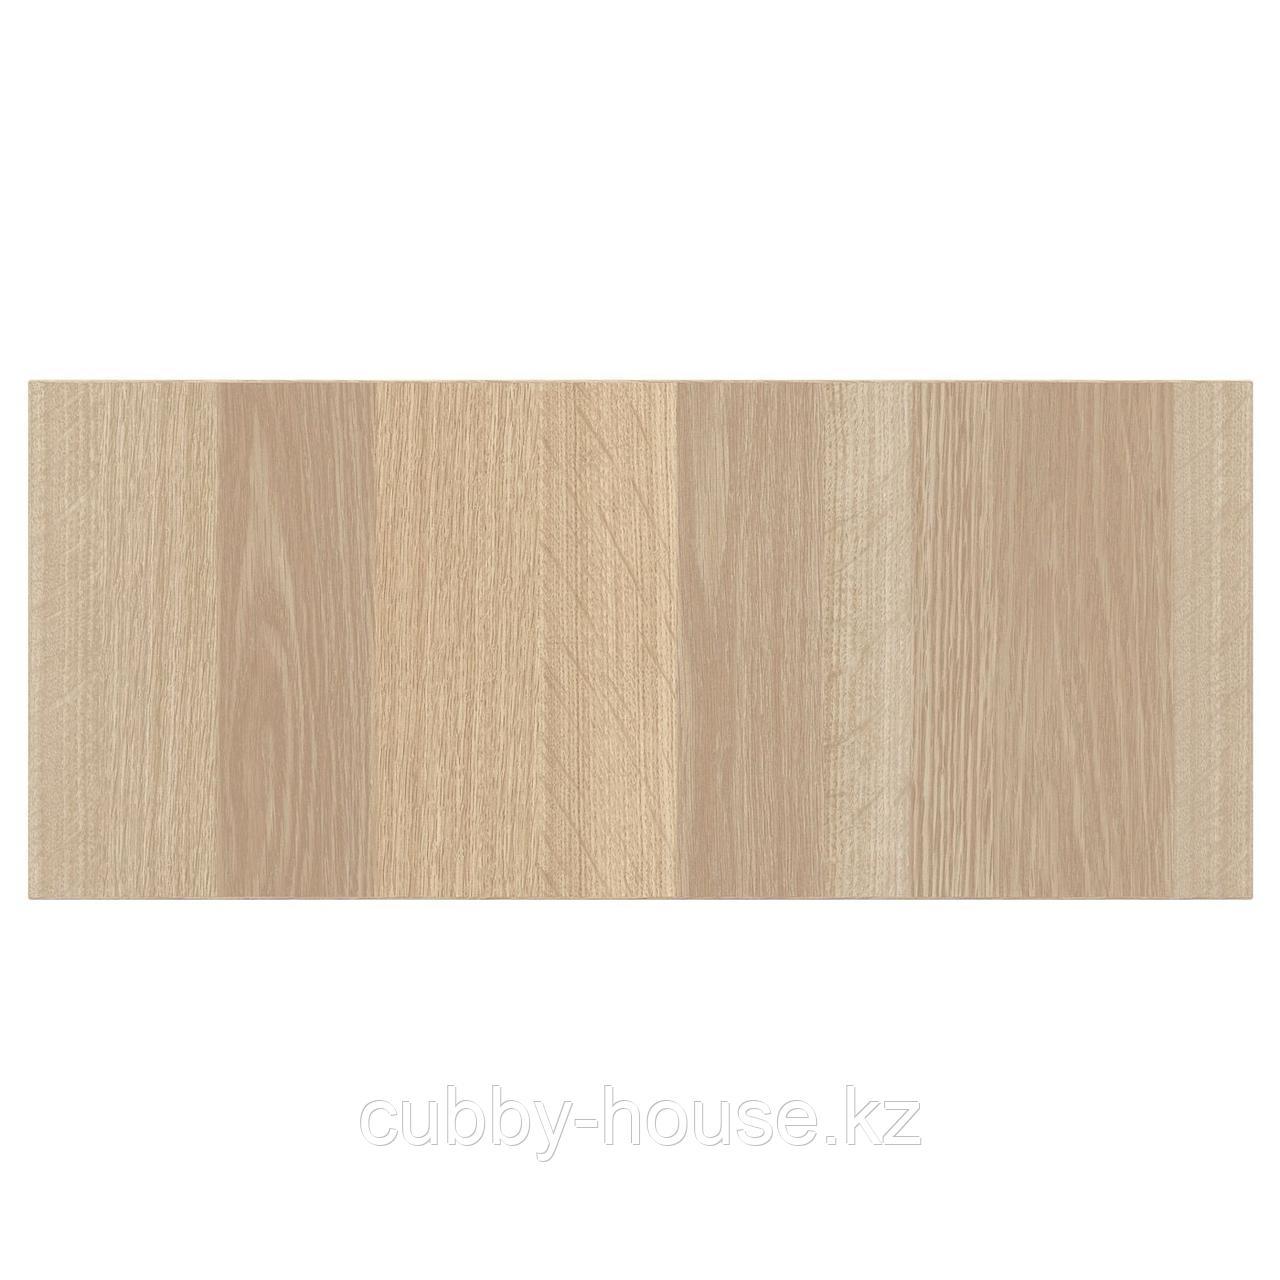 ЛАППВИКЕН Фронтальная панель ящика, белый, 60x26 см